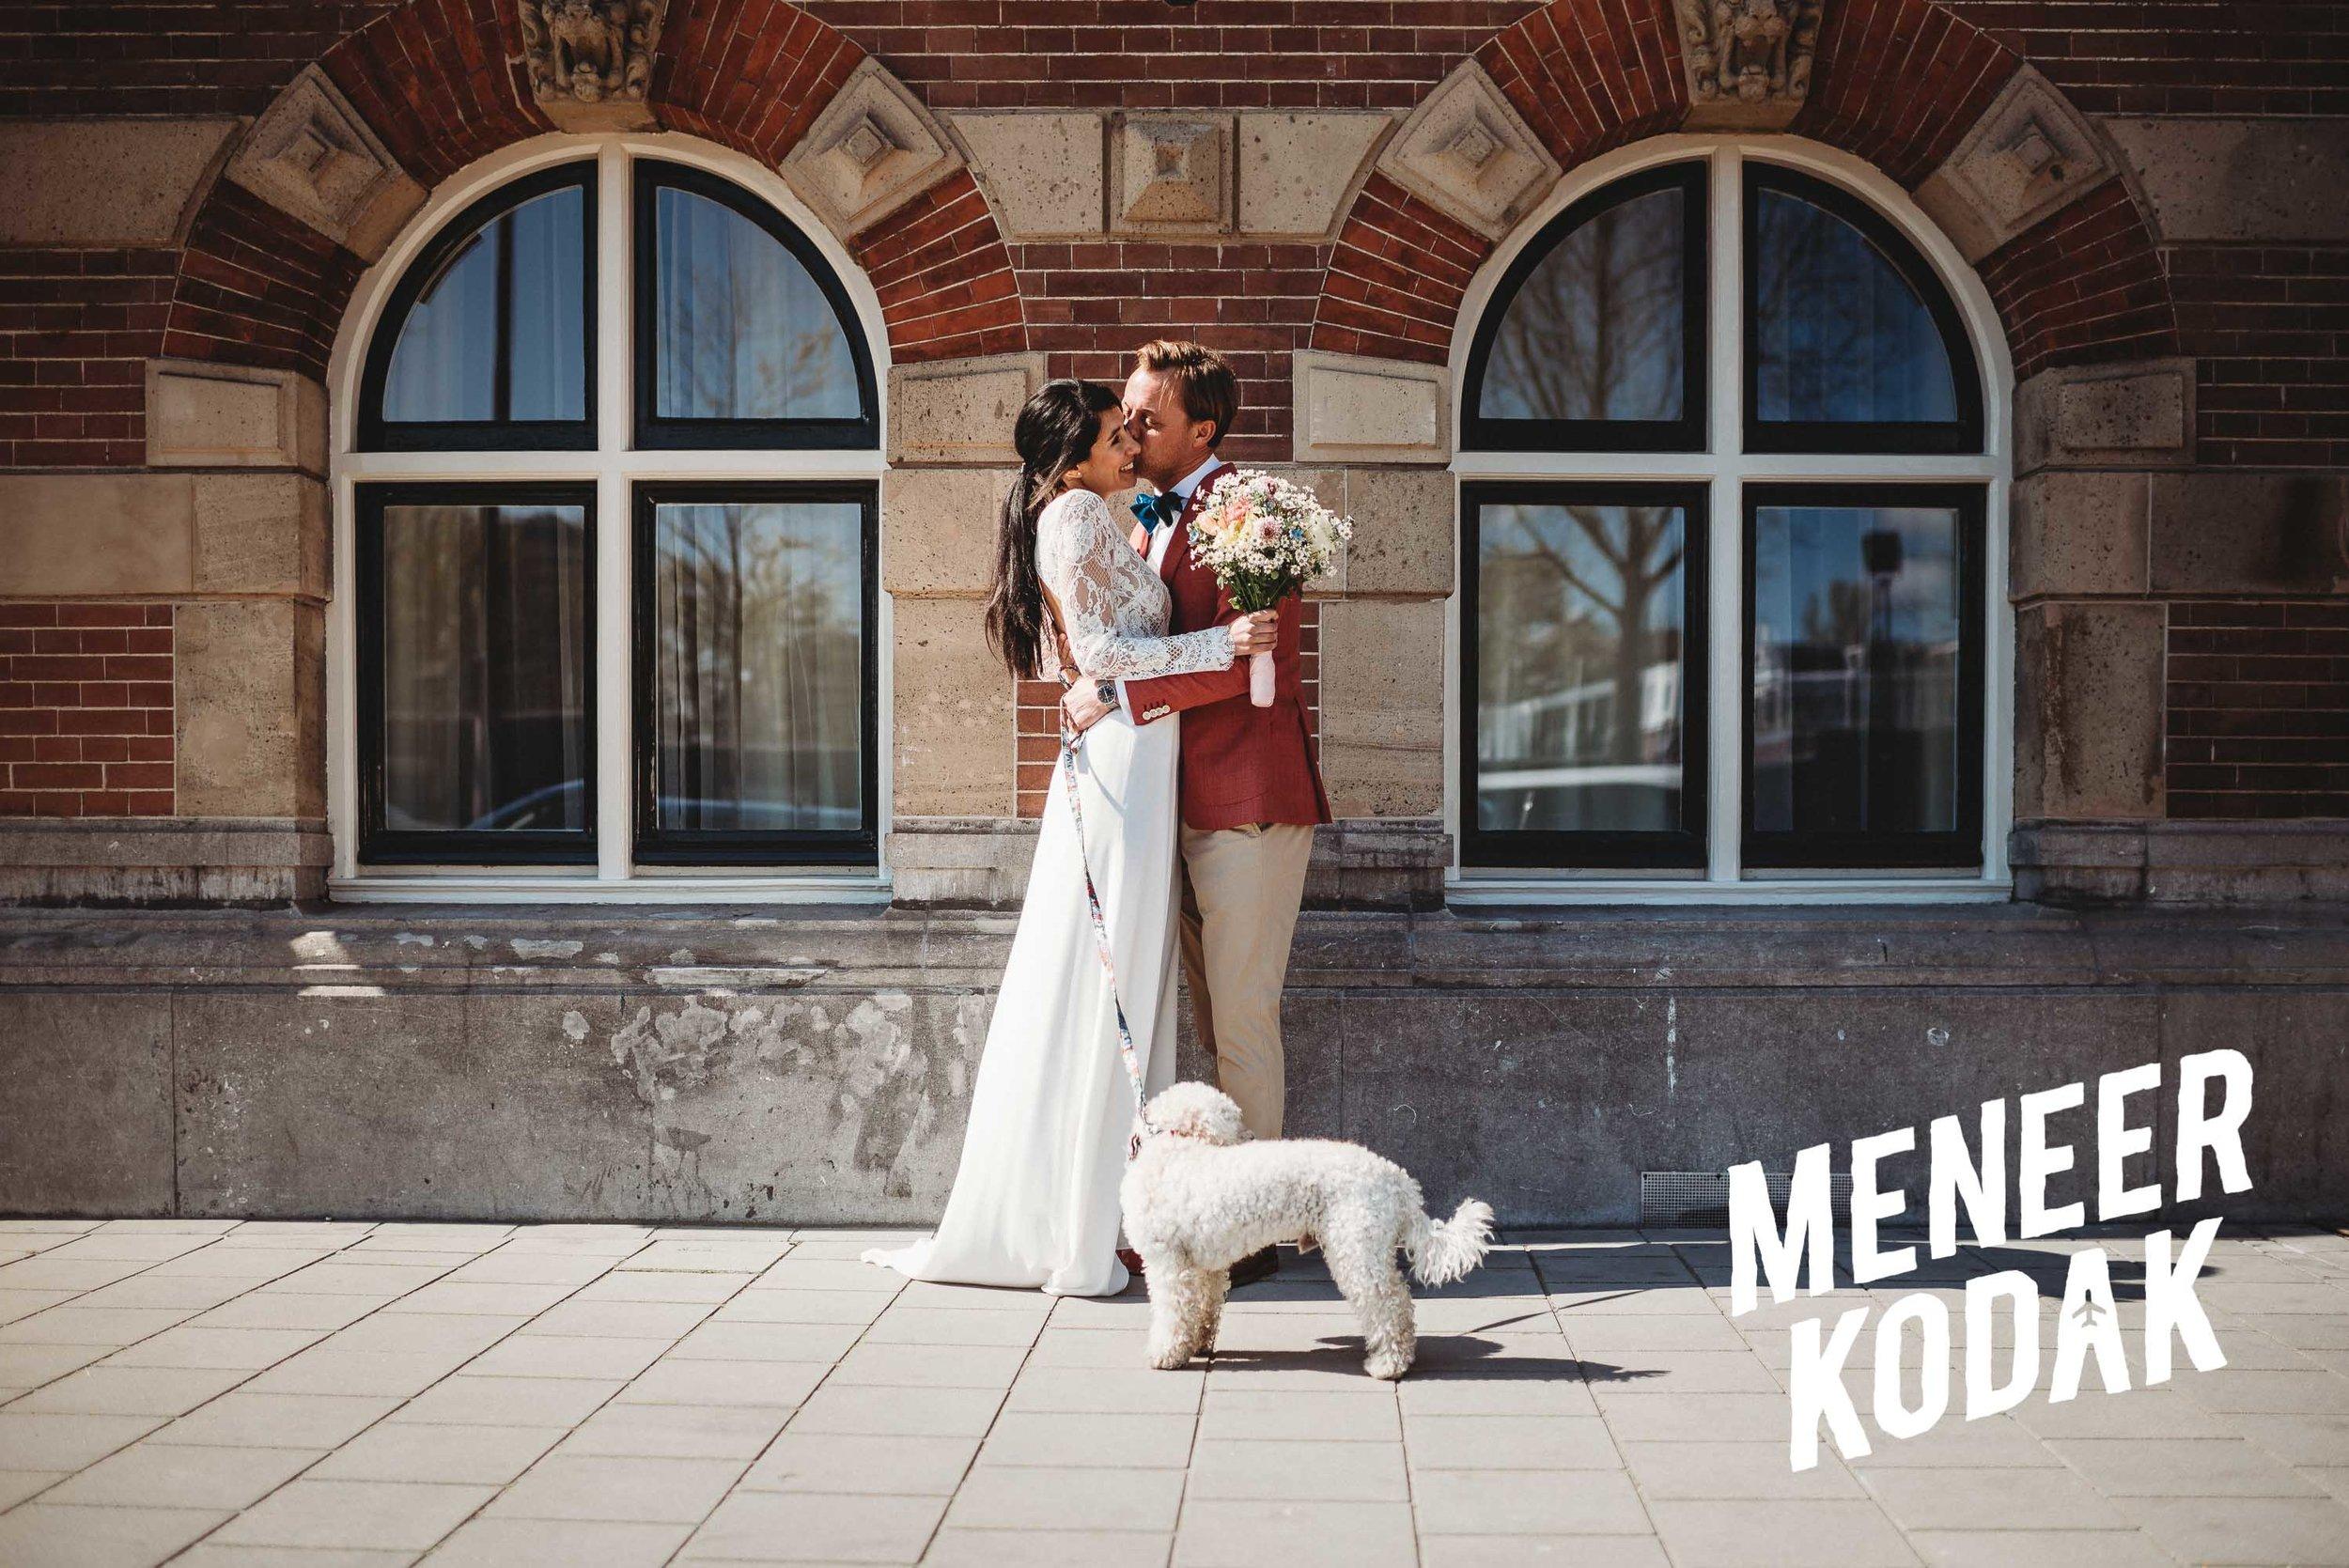 Meneer Kodak - Bruidsfotograaf - Amsterdam - M&J-016.jpg